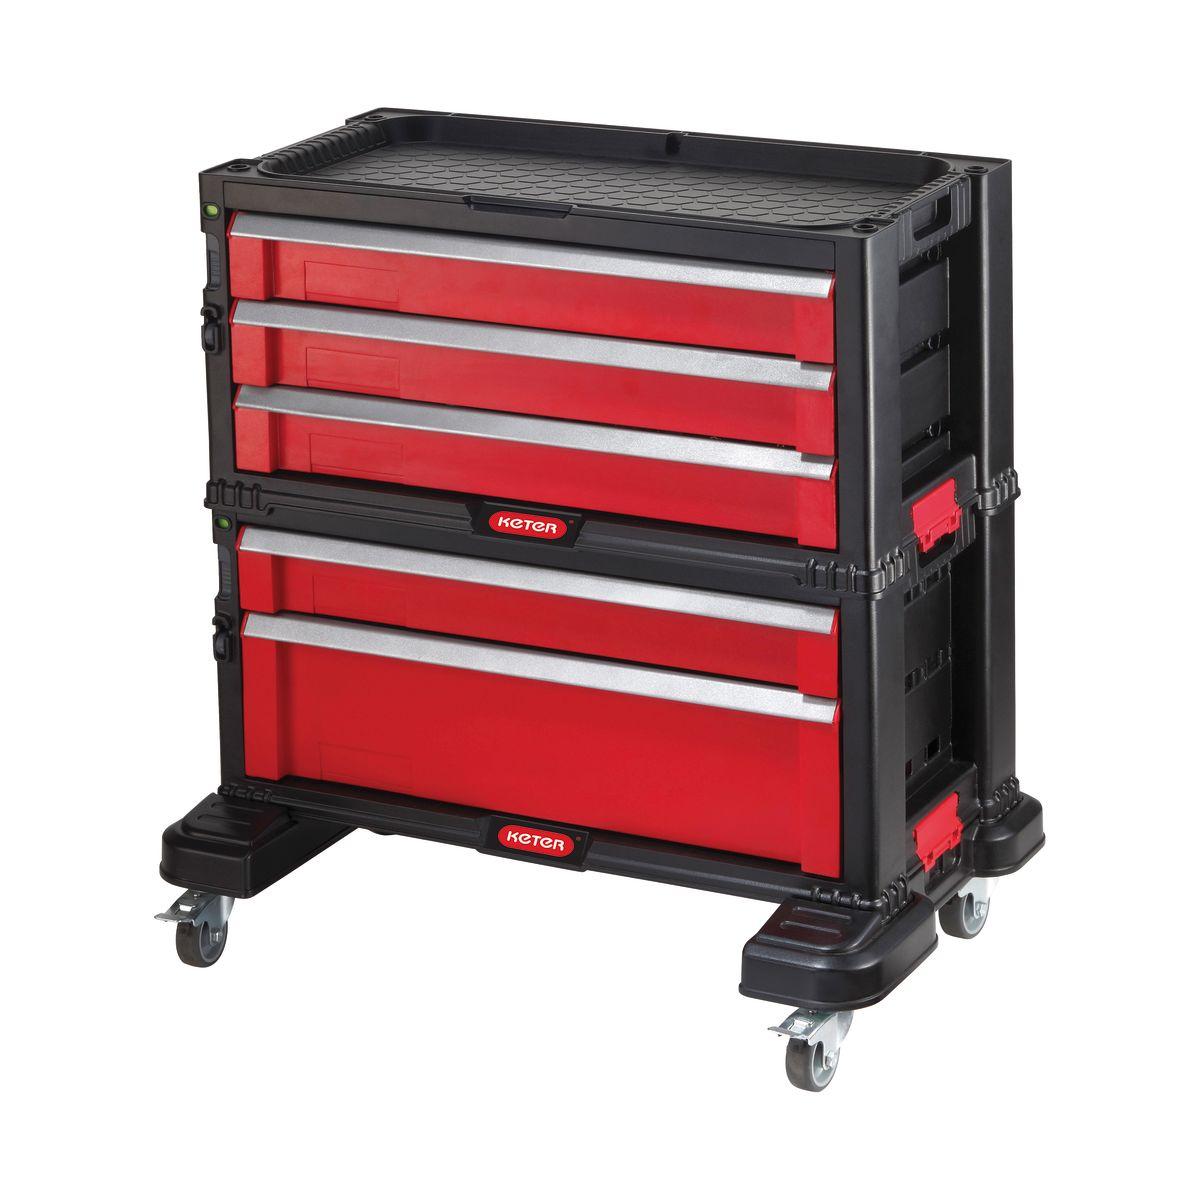 Cassettiera componibile 5 cassetti con ruote keter prezzi for Erba sintetica prezzi leroy merlin